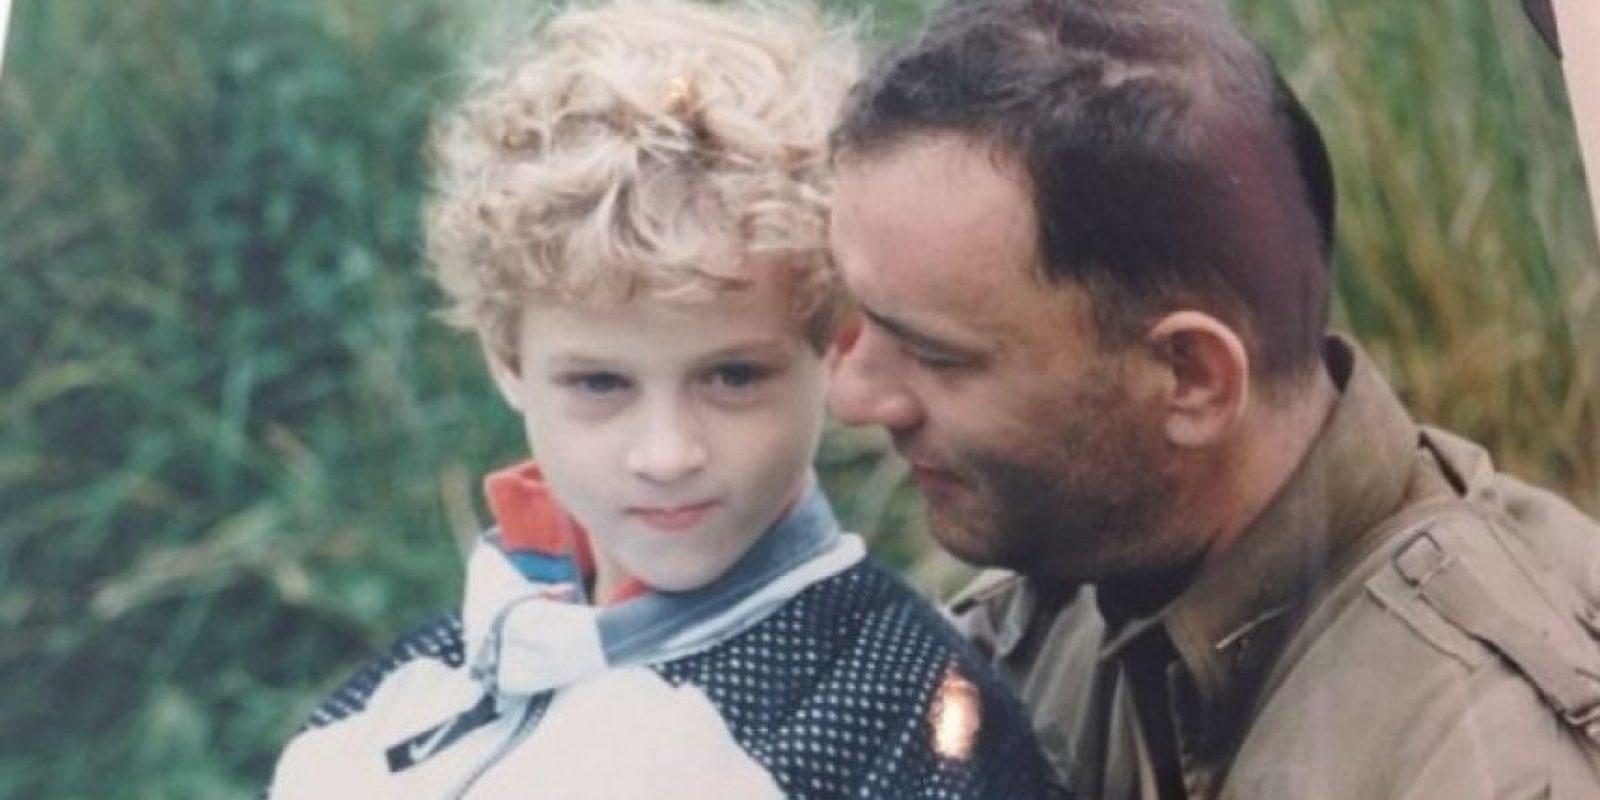 Chester es el tercer hijo de Tom Hanks. Su madre es la actriz Rita Wilson. Foto:Instagram/chethanx